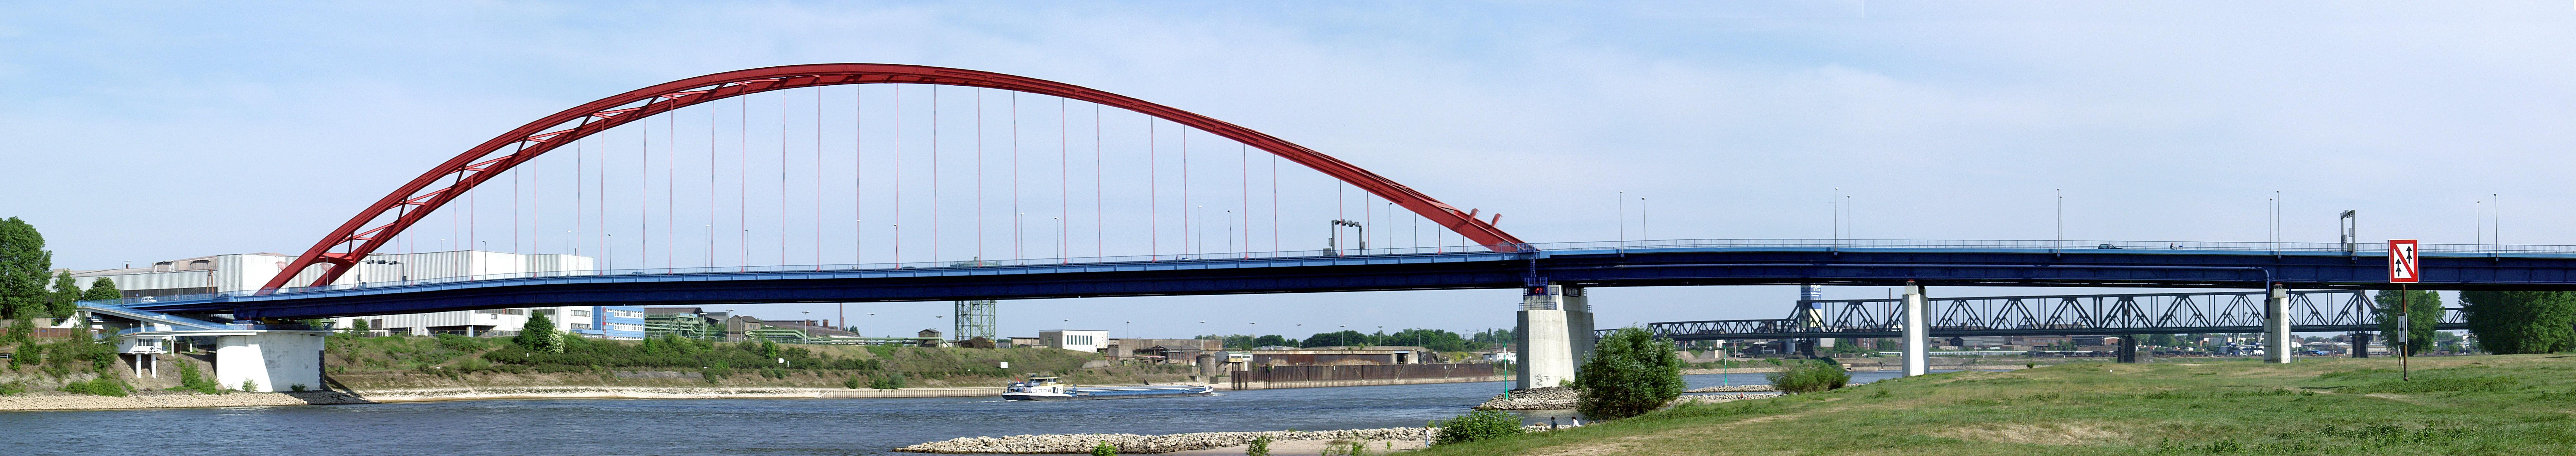 Панорама моста Солидарности